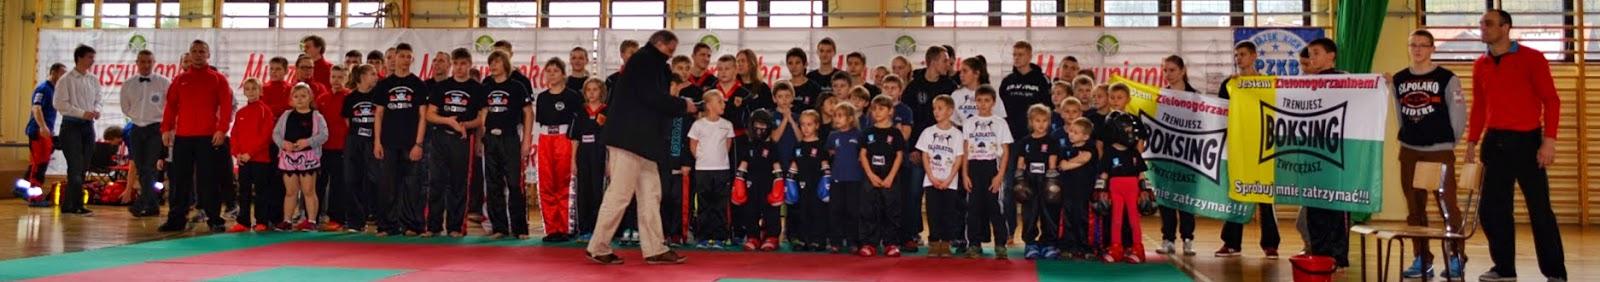 kickboxing, sport, Zielona Góra, młodzież, dzieci, wyczynowcy, Puachary i Mistrzostwa, wyjazdy, boks, sport dzieci i młodzieży, Polska